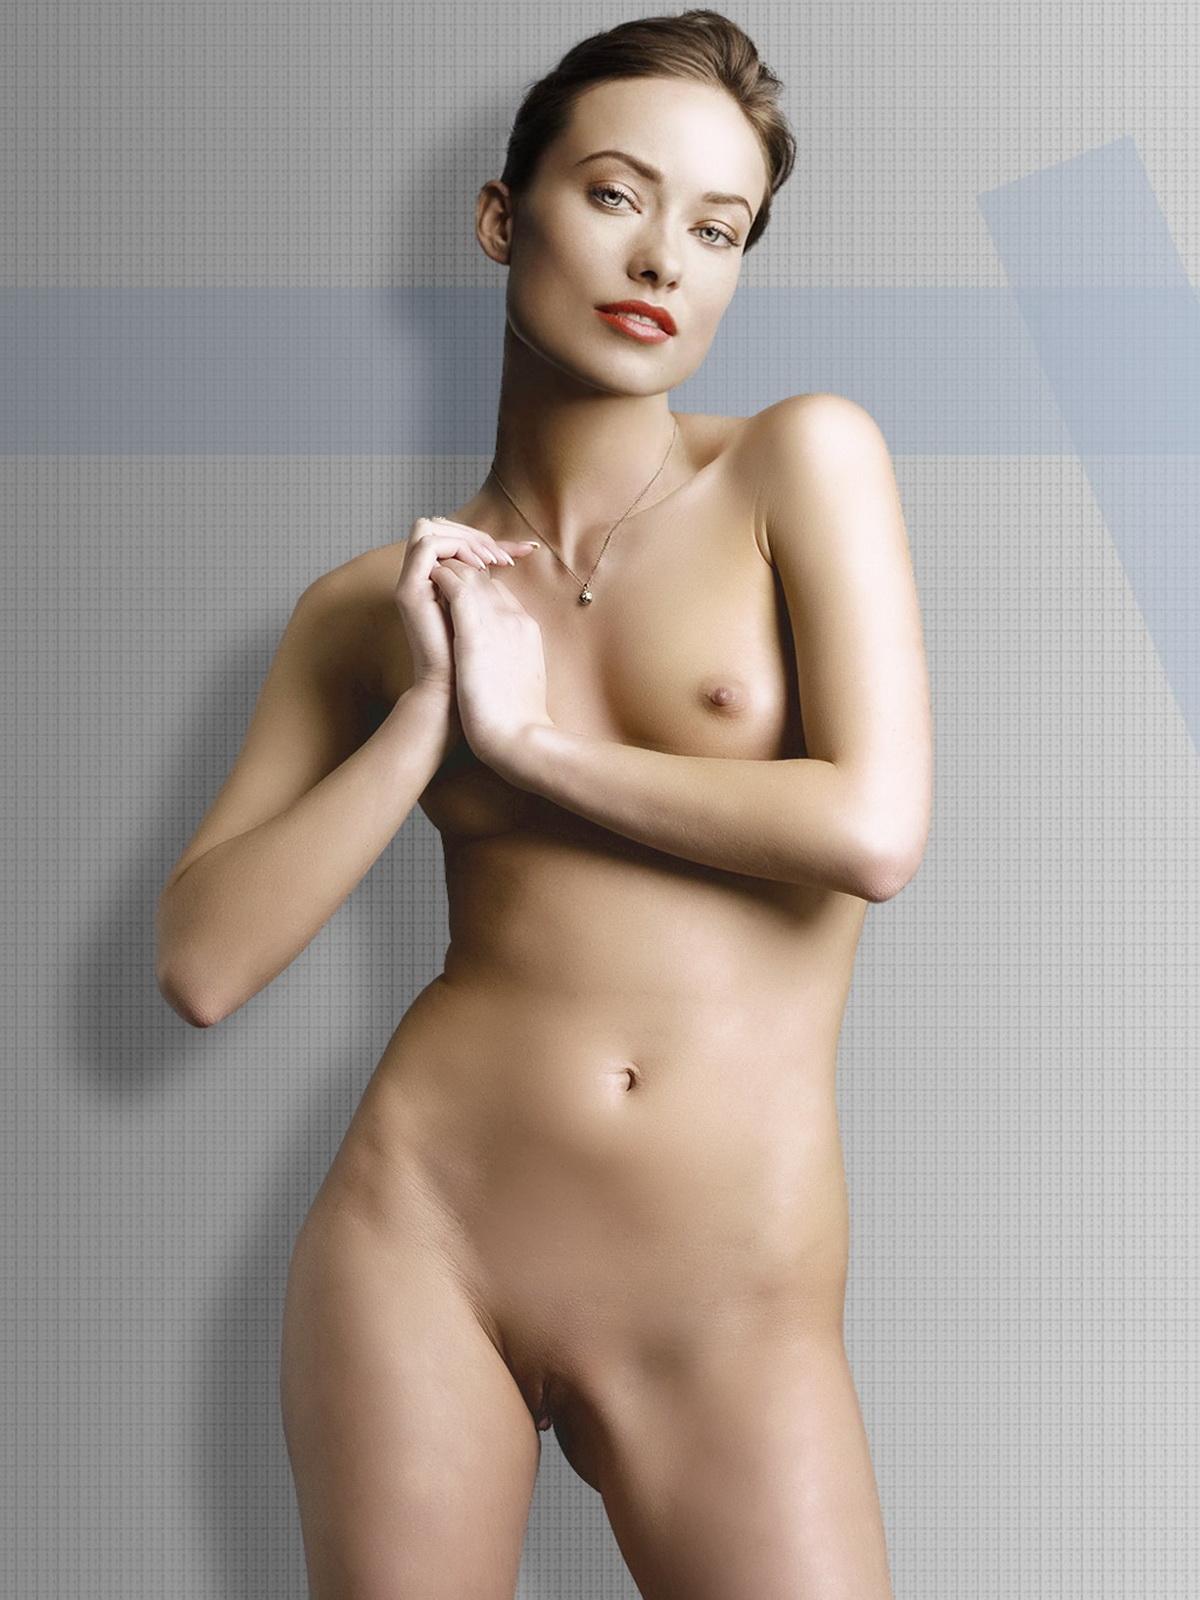 Olivia Wild full nude